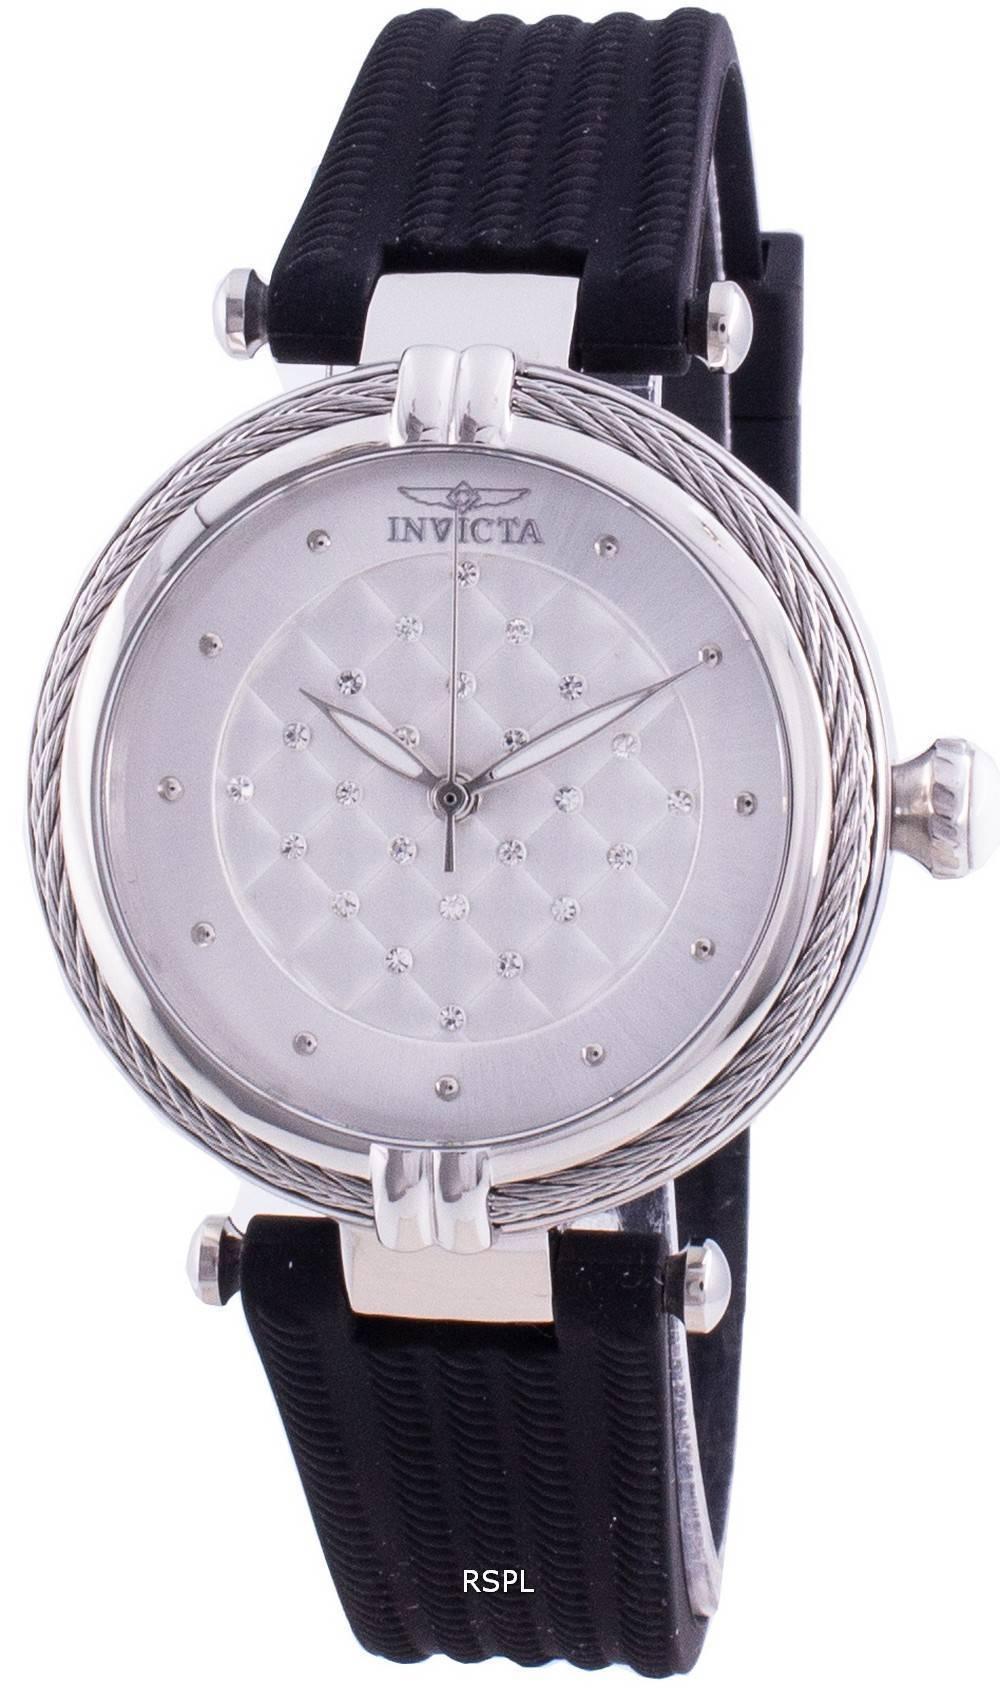 인빅타 볼트 31030 쿼츠 다이아몬드 악센트 여성용 시계